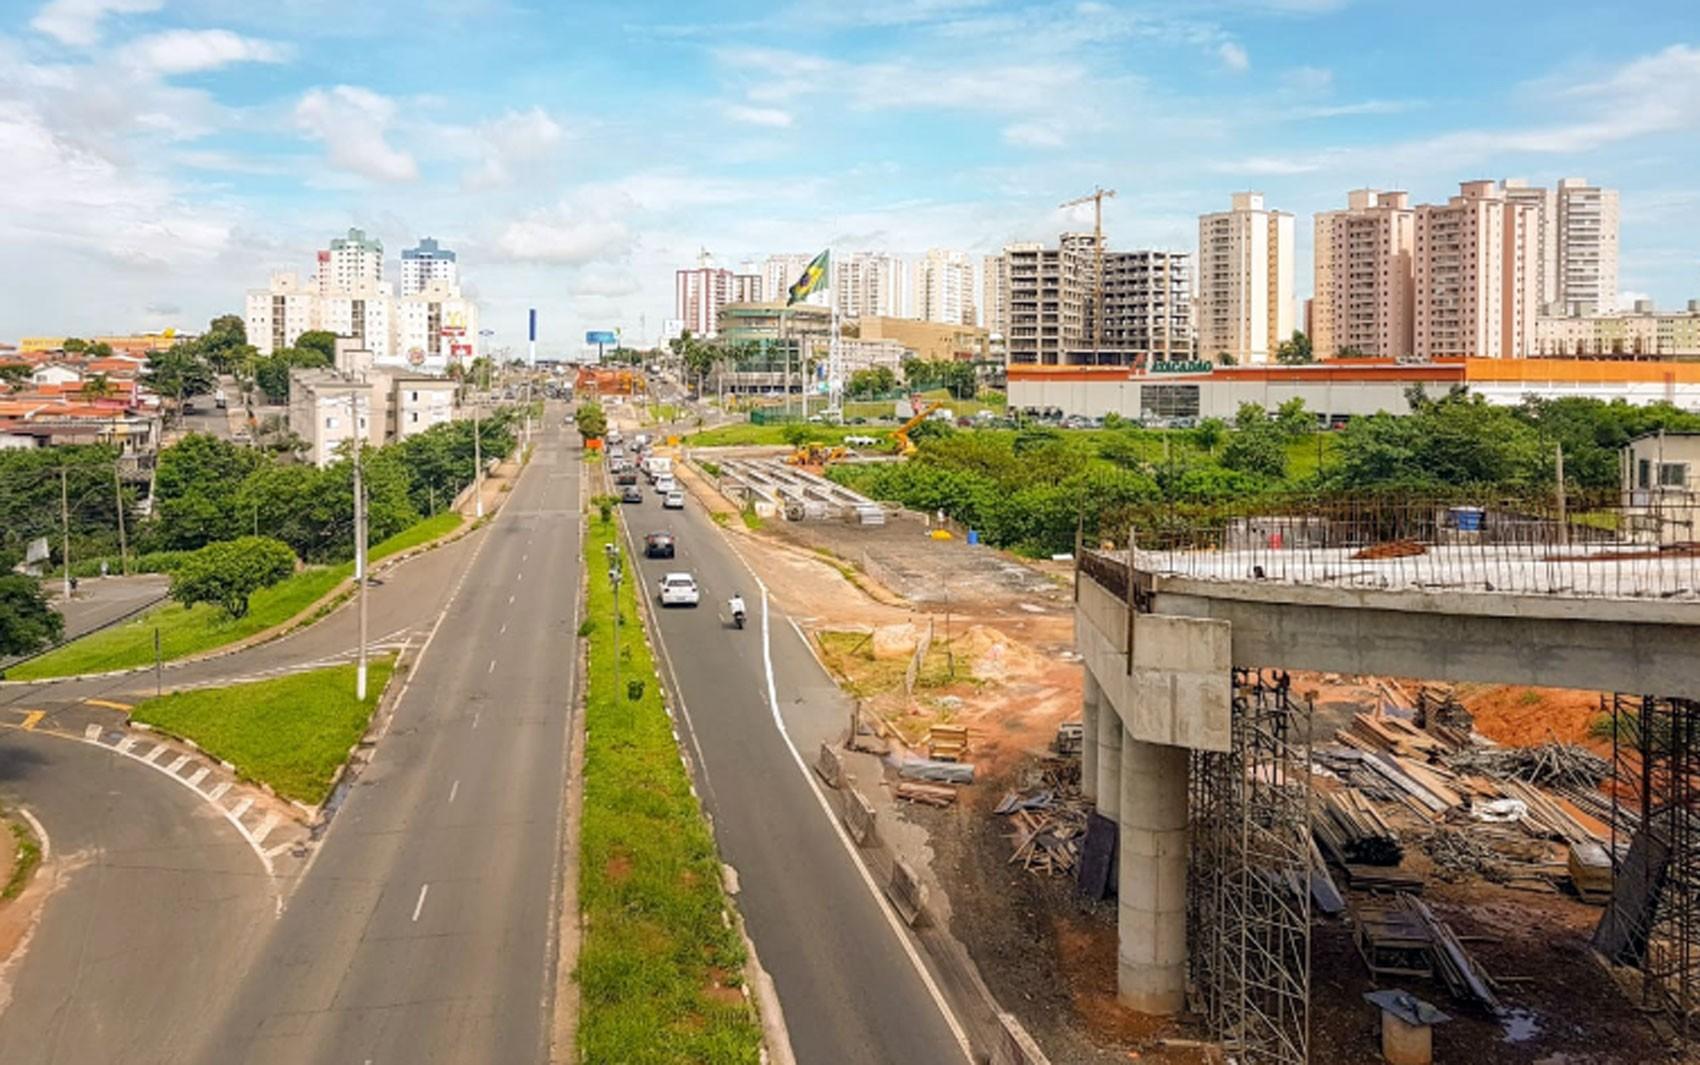 Obras do BRT em Campinas interditam novo trecho no Jardim Rossin e Nova Esperança  - Notícias - Plantão Diário